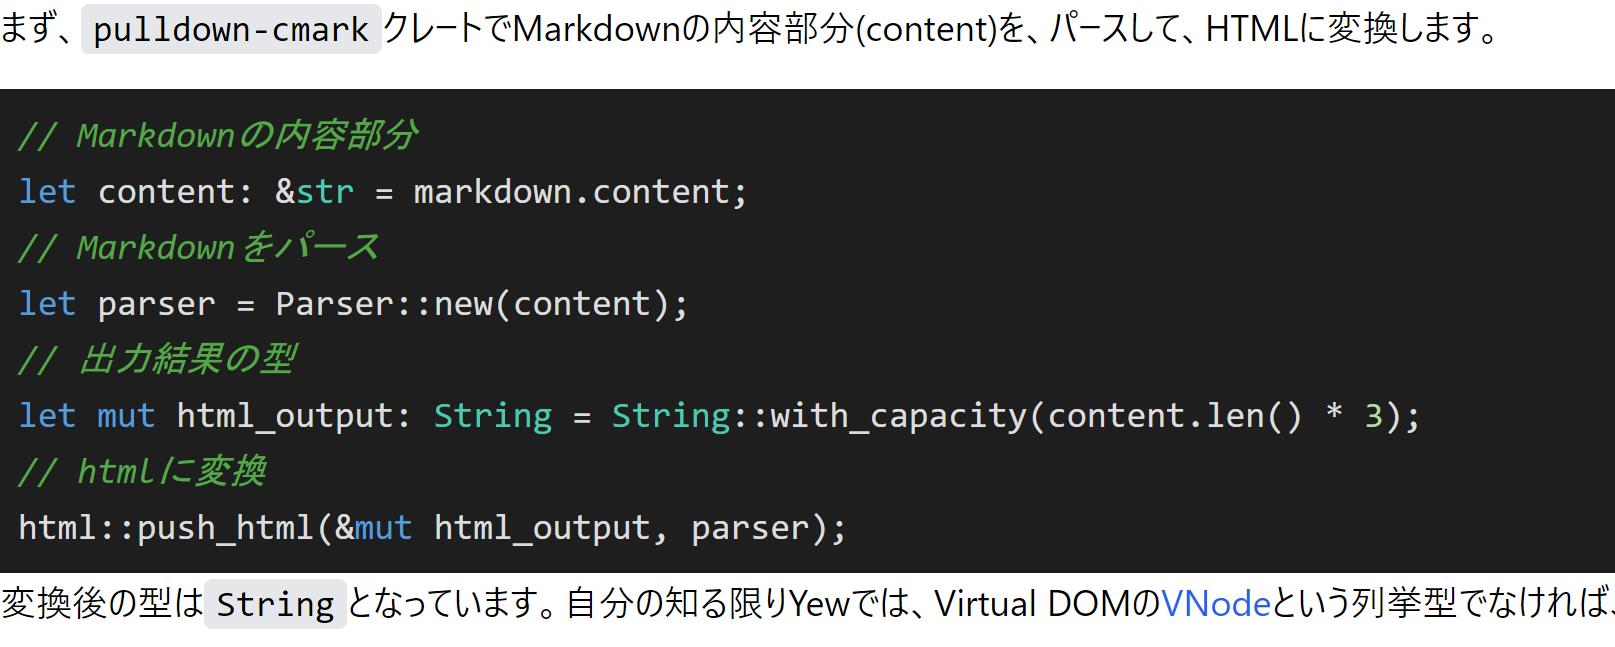 動的に生成されたソースコードにhighlight.jsを荒業で導入する